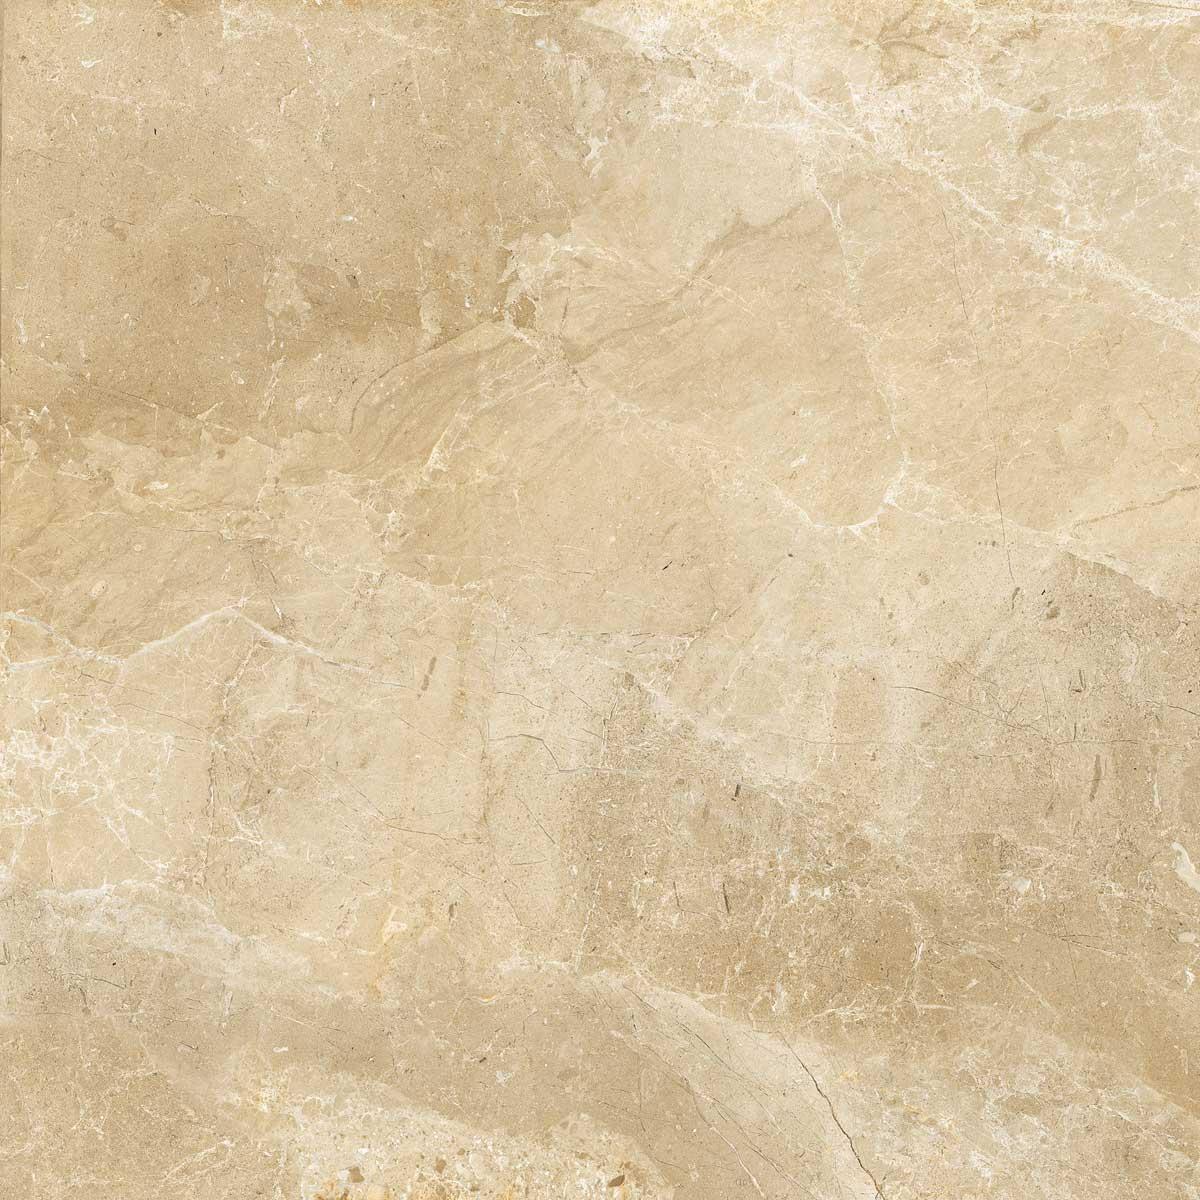 Black And Gold Textured Wallpaper Opera Beige Jw 10 Jewels Mirage